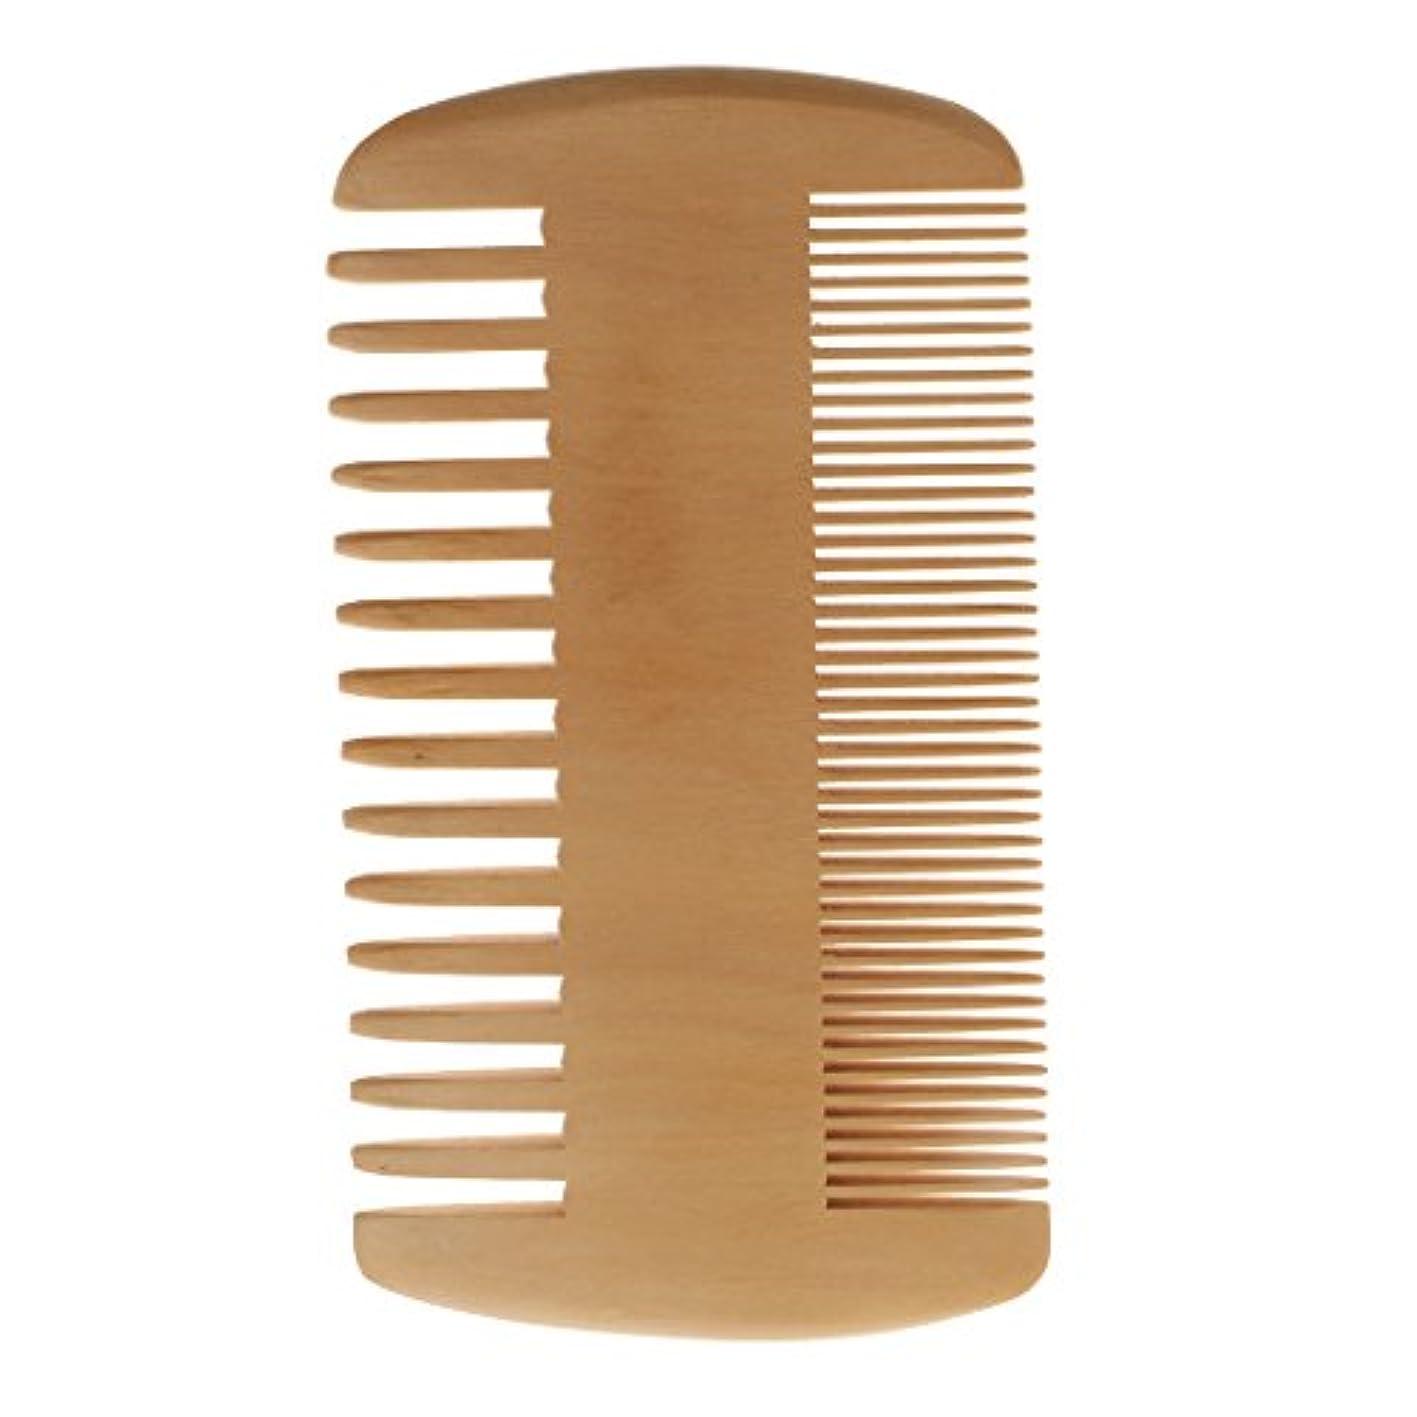 教会横芽ポケットコーム 木製コーム 木製櫛 ヘアダイコーム ヘアブラシ 2倍 密度 歯 携帯 便利